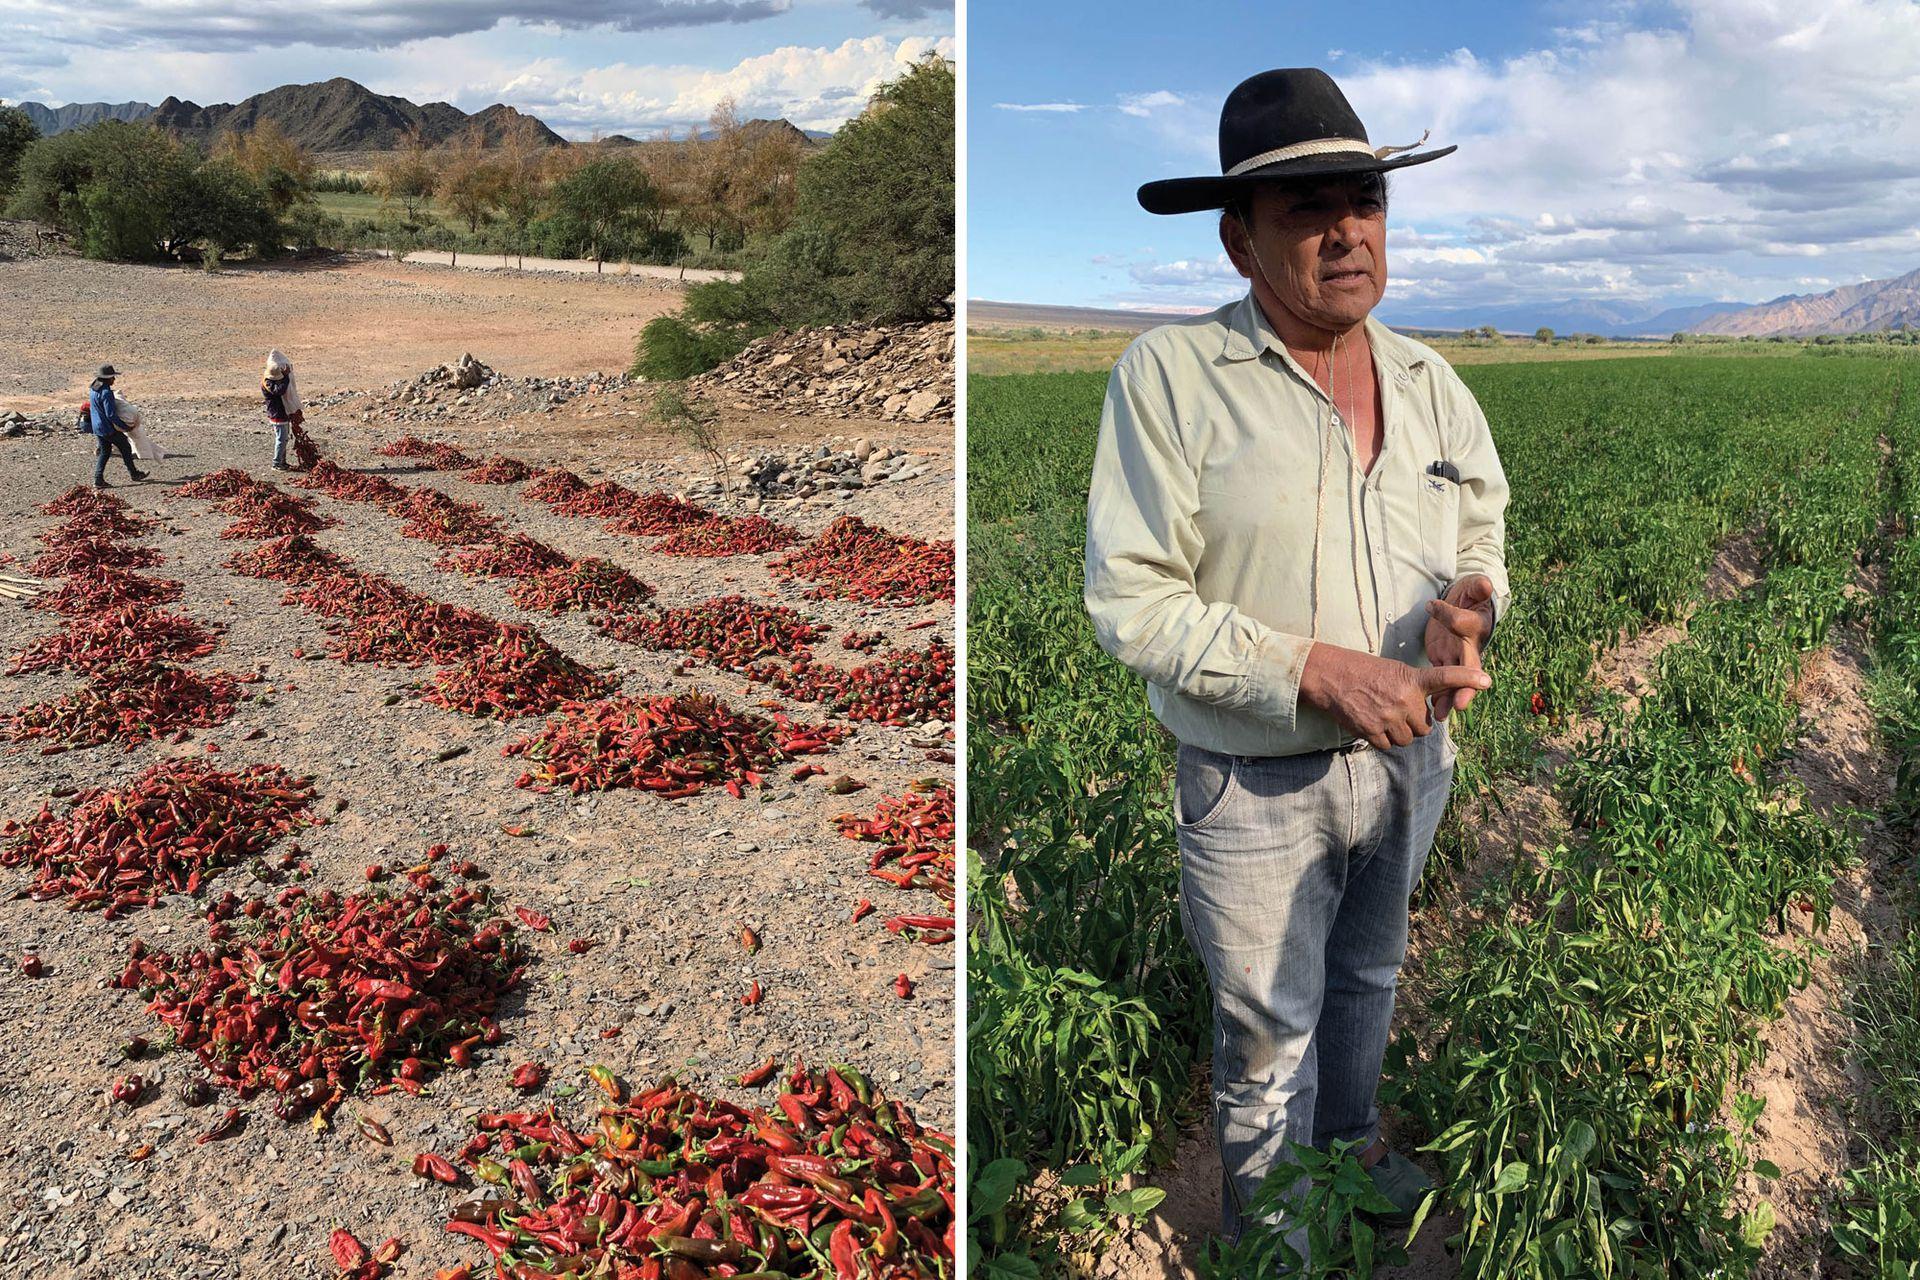 Izquierda: Luego de cosechados, los pimientos se disponen en pilas por 4 o 5 días, hasta que estén todos bien rojos. Derecha: Rubén Gutiérrez en los campos de cultivo cercanos a Molinos, provincia de Salta.